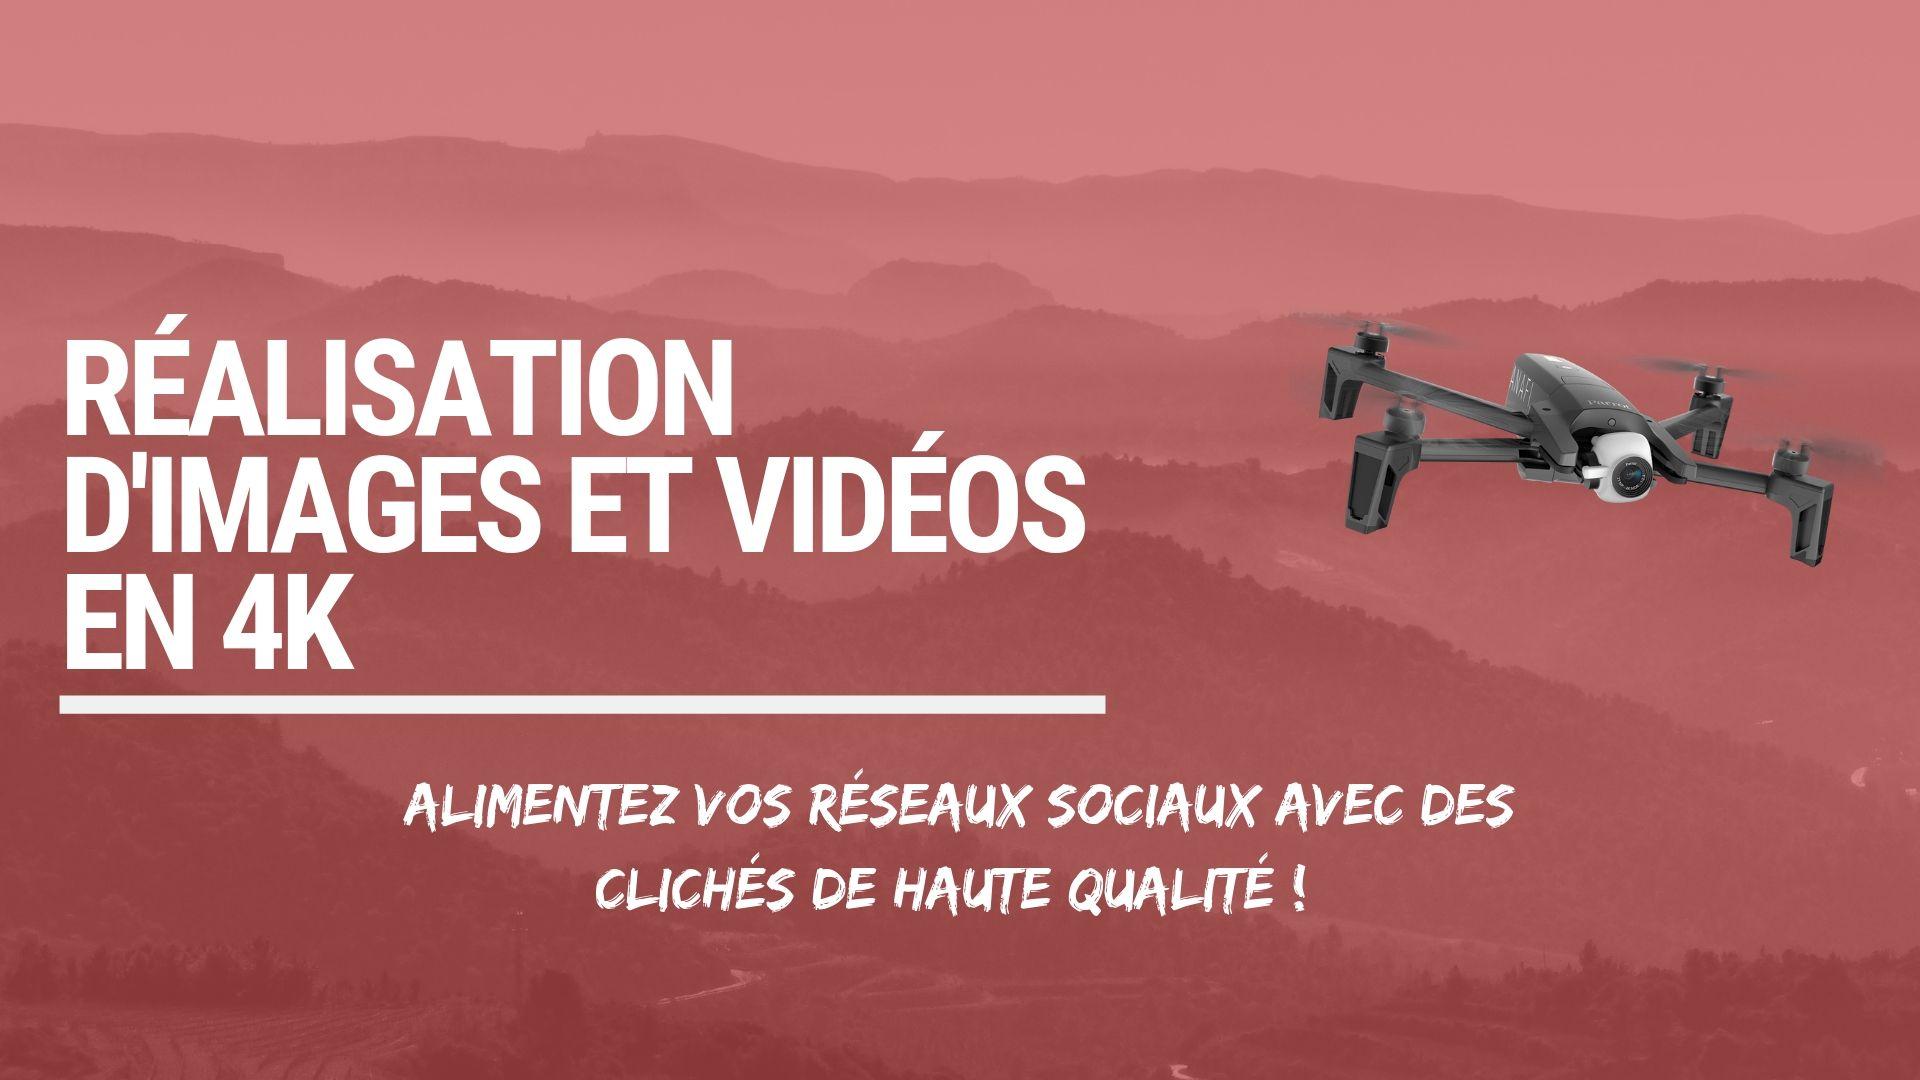 Vidéos Images 4k - So Conseils agence de communication Saint Chély d'Apcher